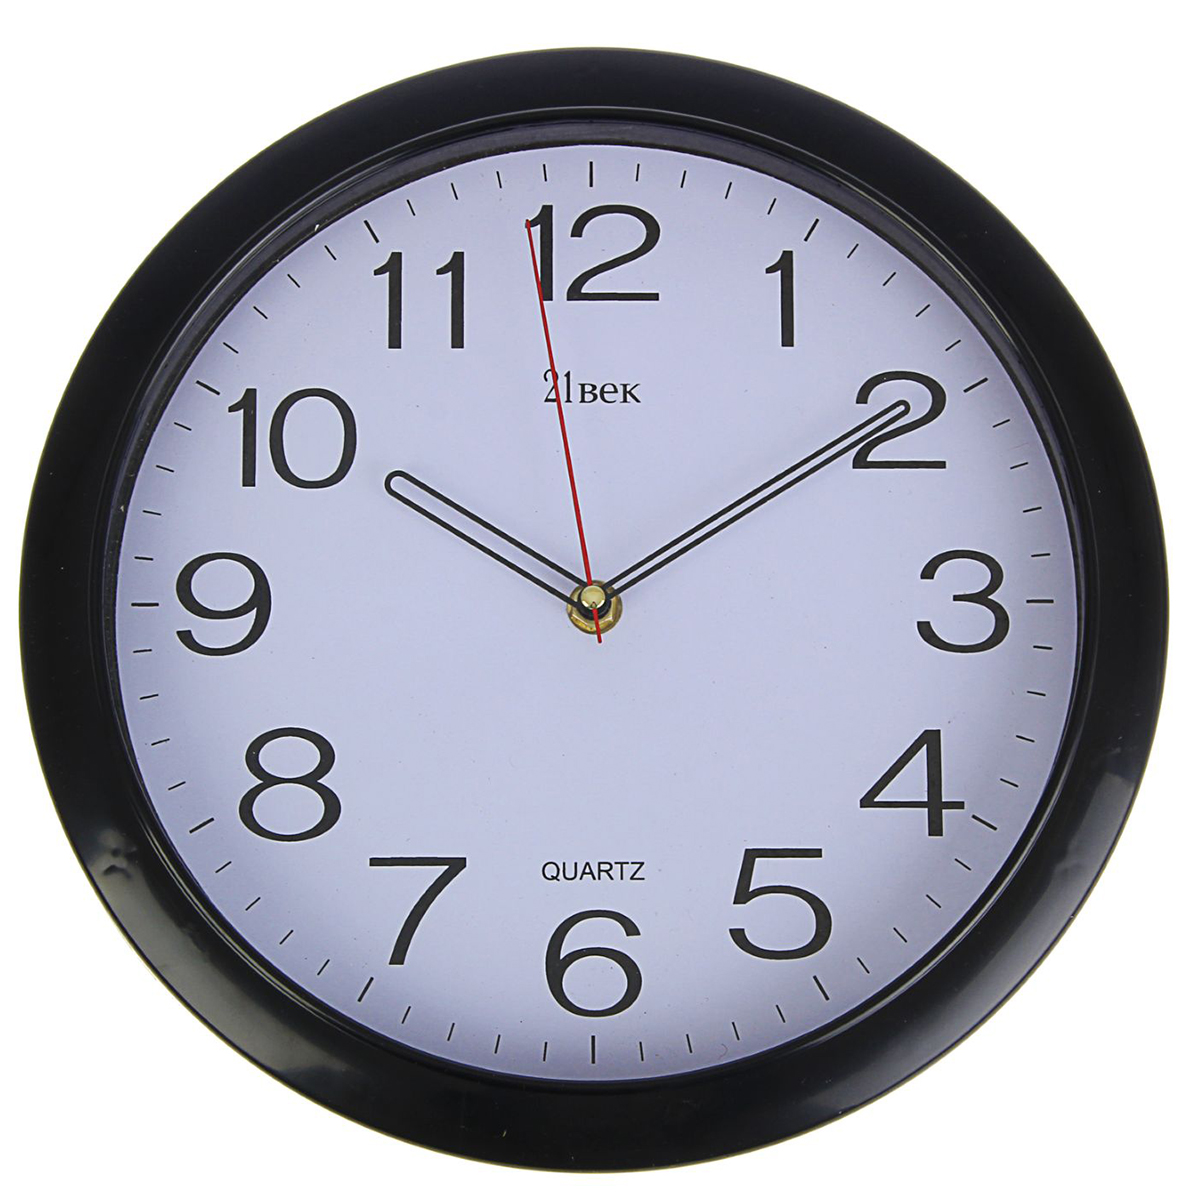 Часы настенные 21 Век Черная классика, диаметр 30 см1310781Каждому хозяину периодически приходит мысль обновить свою квартиру, сделать ремонт, перестановку или кардинально поменять внешний вид каждой комнаты. Часы настенные круглые Классика, d=30 см, черные — привлекательная деталь, которая поможет воплотить вашу интерьерную идею, создать неповторимую атмосферу в вашем доме. Окружите себя приятными мелочами, пусть они радуют глаз и дарят гармонию. Часы настенные круглые Классика, d=30 см, черные — сувенир в полном смысле этого слова. И главная его задача — хранить воспоминание о месте, где вы побывали, или о том человеке, который подарил данный предмет. Преподнесите эту вещь своему другу, и она станет достойным украшением его дома.Часы настенные круглые Черная классика, 30 см 1310781